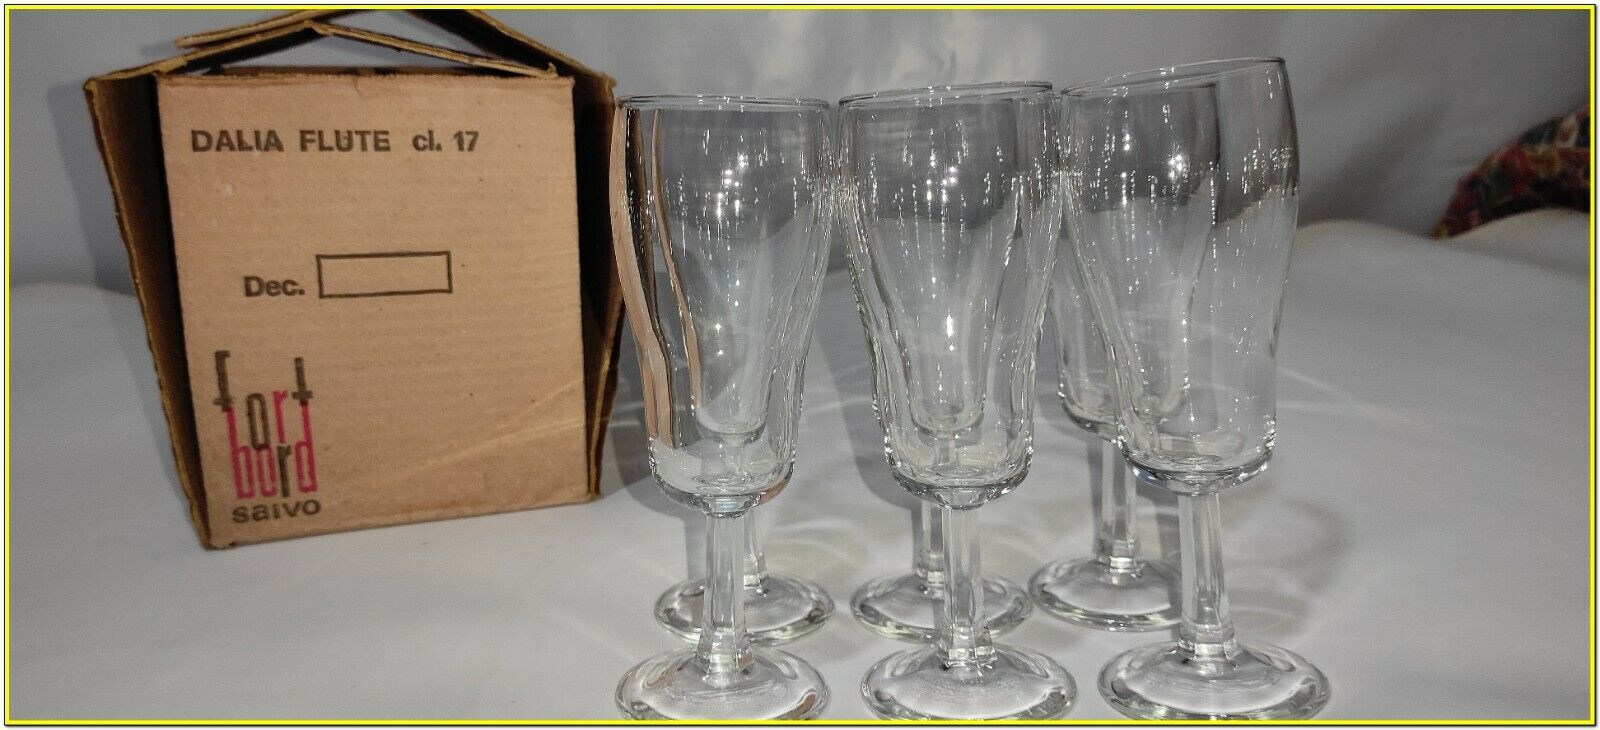 Bicchieri Cristallo Calici Flute Flut Da Champagne Spumante 17 cl